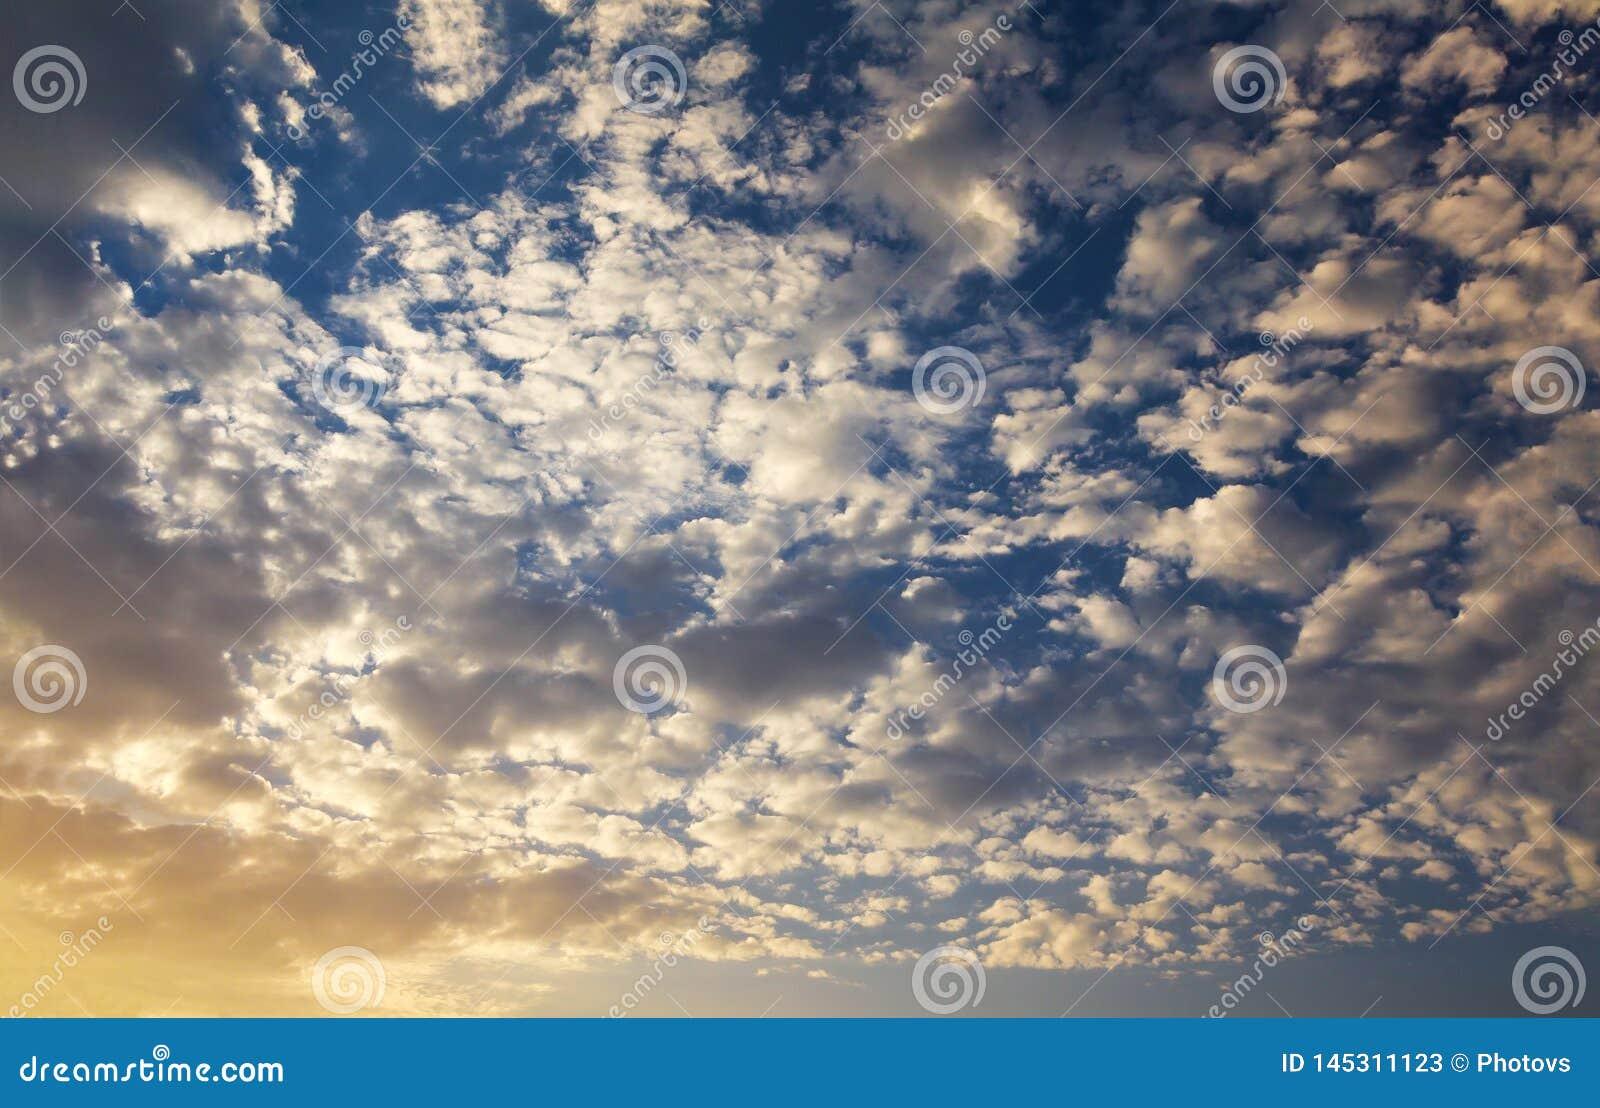 Σωρείτης με των σύννεφων σε ένα όμορφο ηλιοβασίλεμα